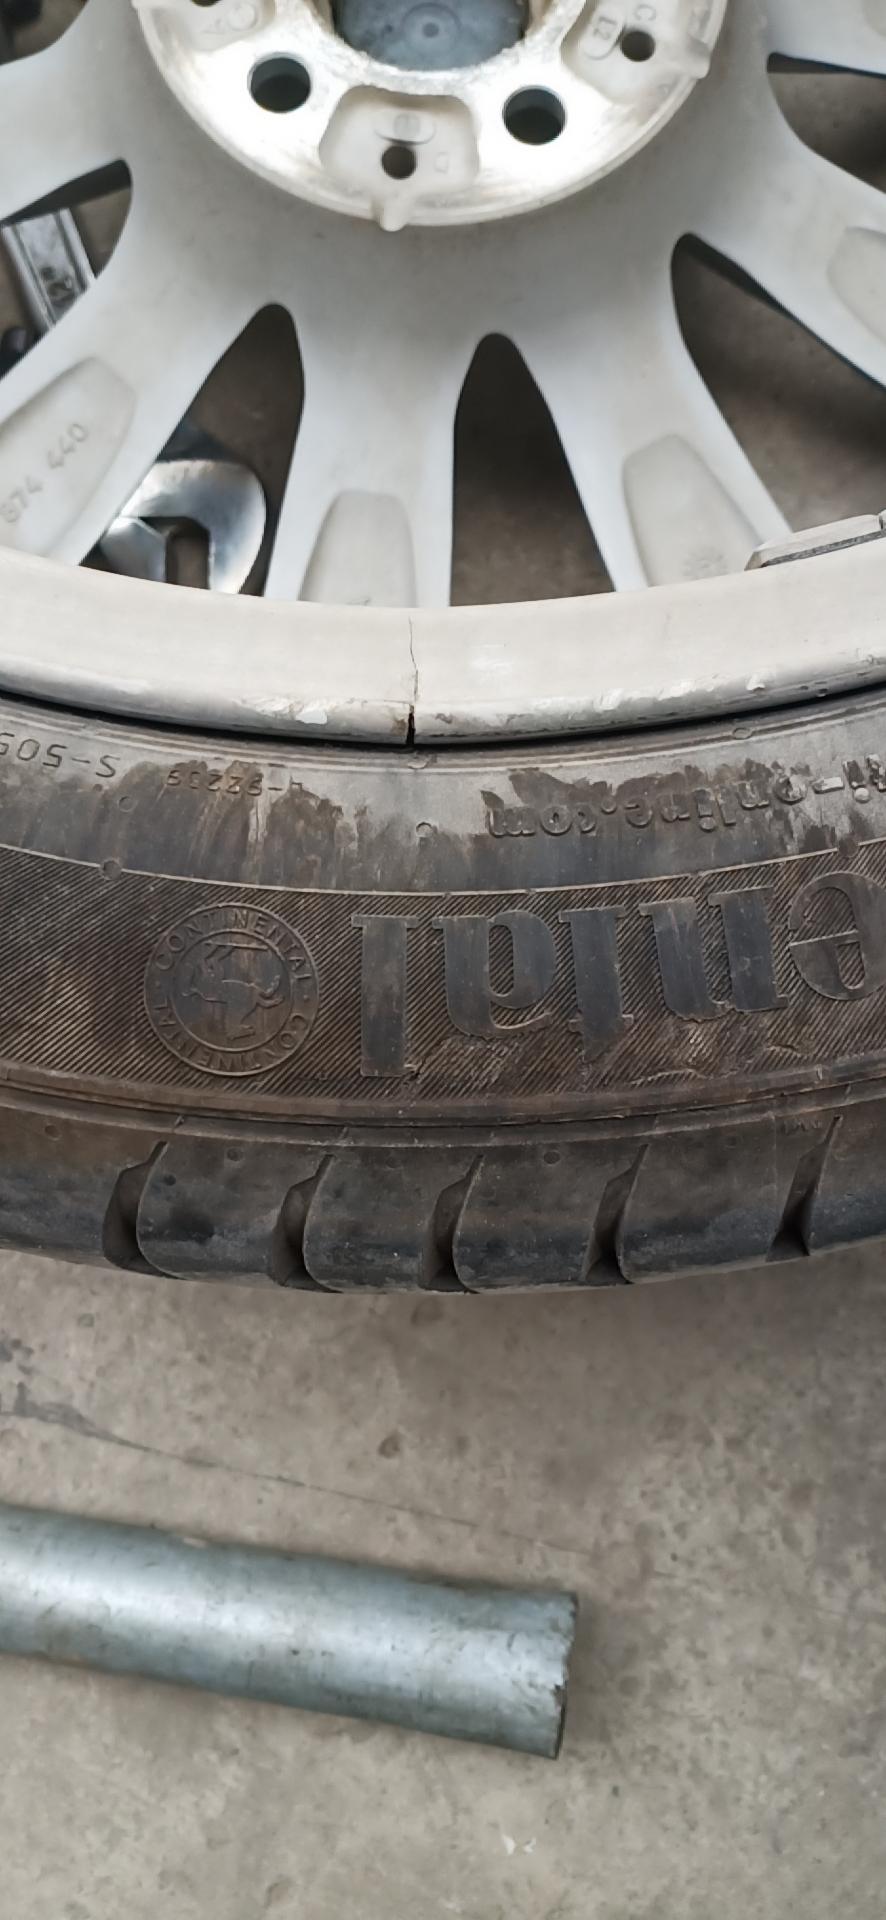 宝马-宝马5系 正常行驶轮毂无故开裂